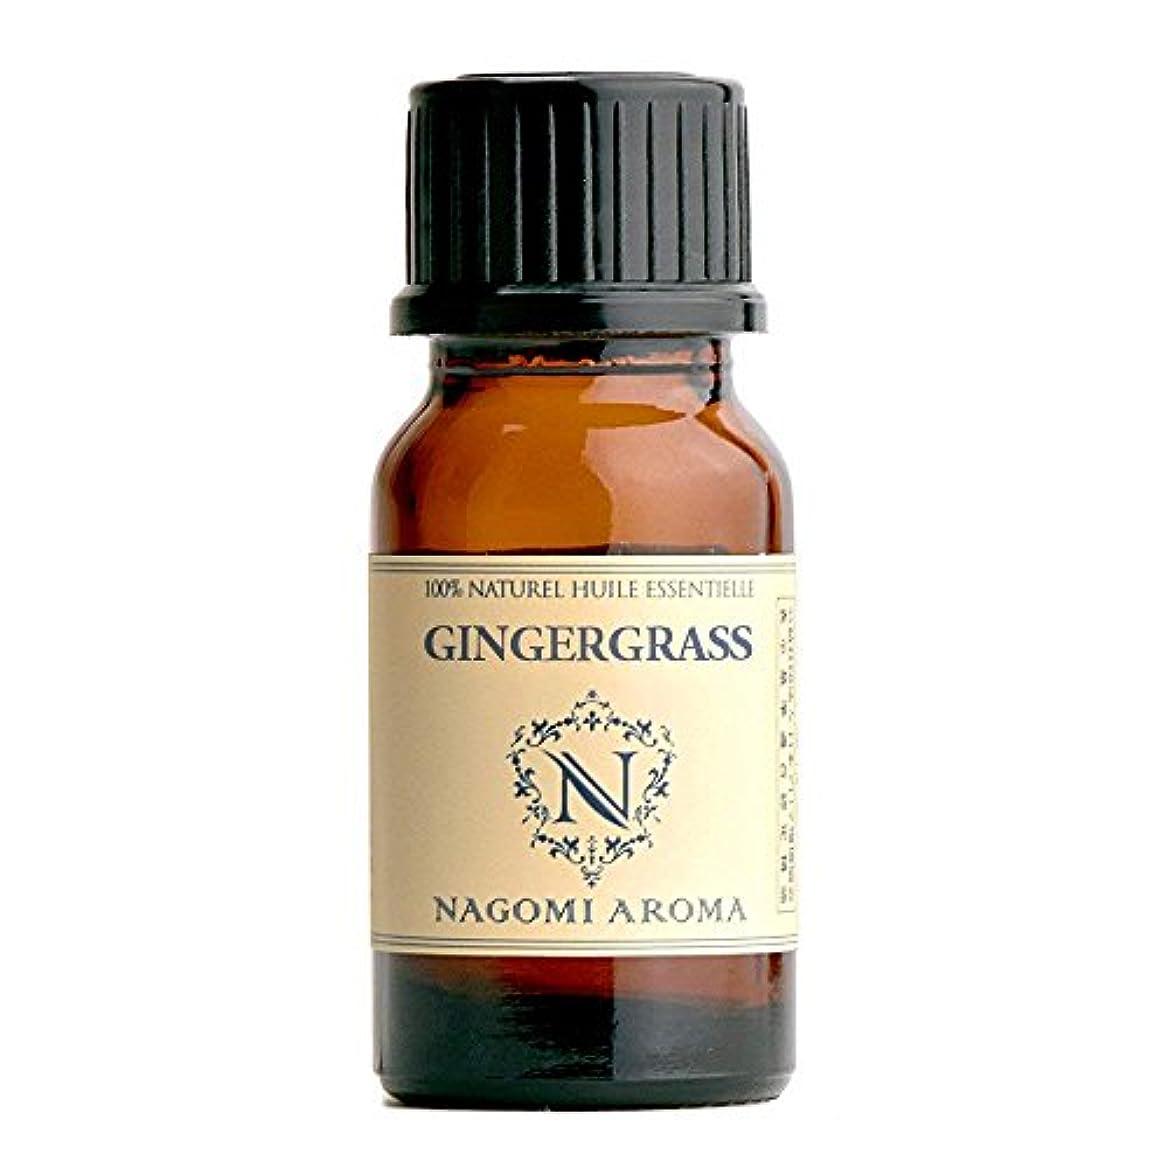 グリーンランドナインへ一方、NAGOMI AROMA ジンジャーグラス 10ml